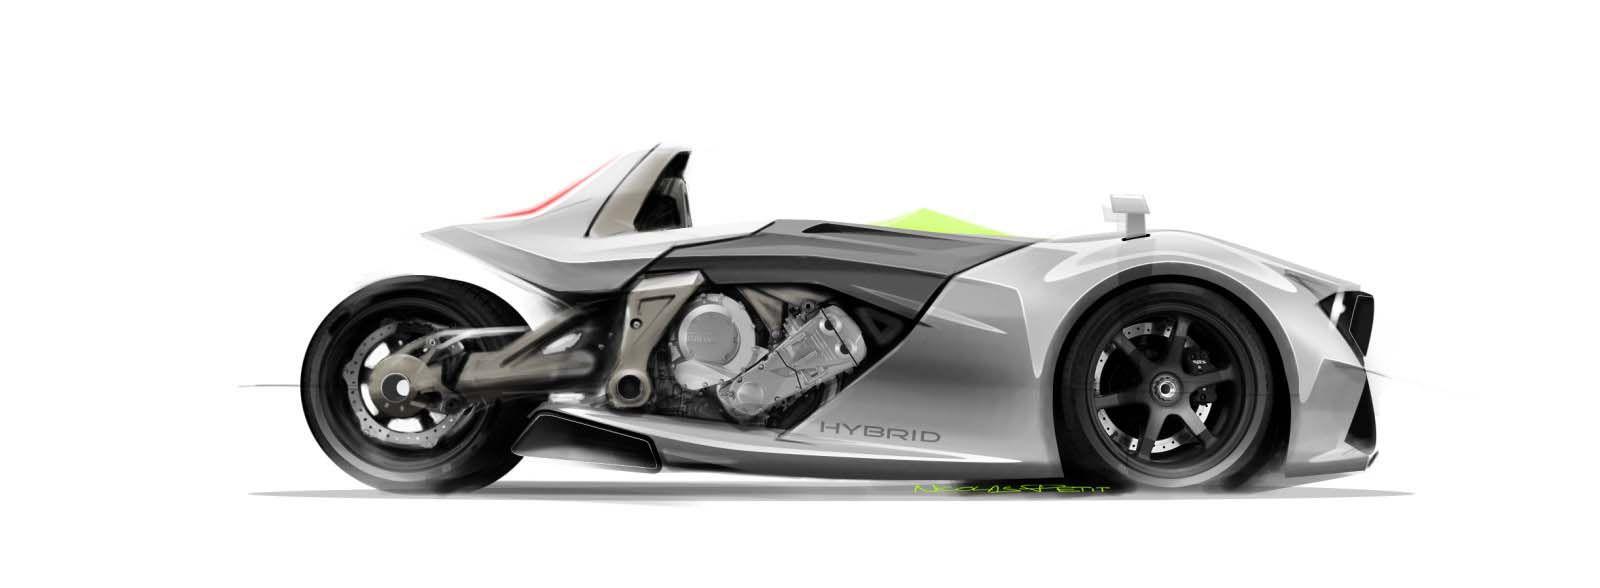 Bmwkgtwheelernicolaspetitjpg Amazing - Bmw 3 wheel car